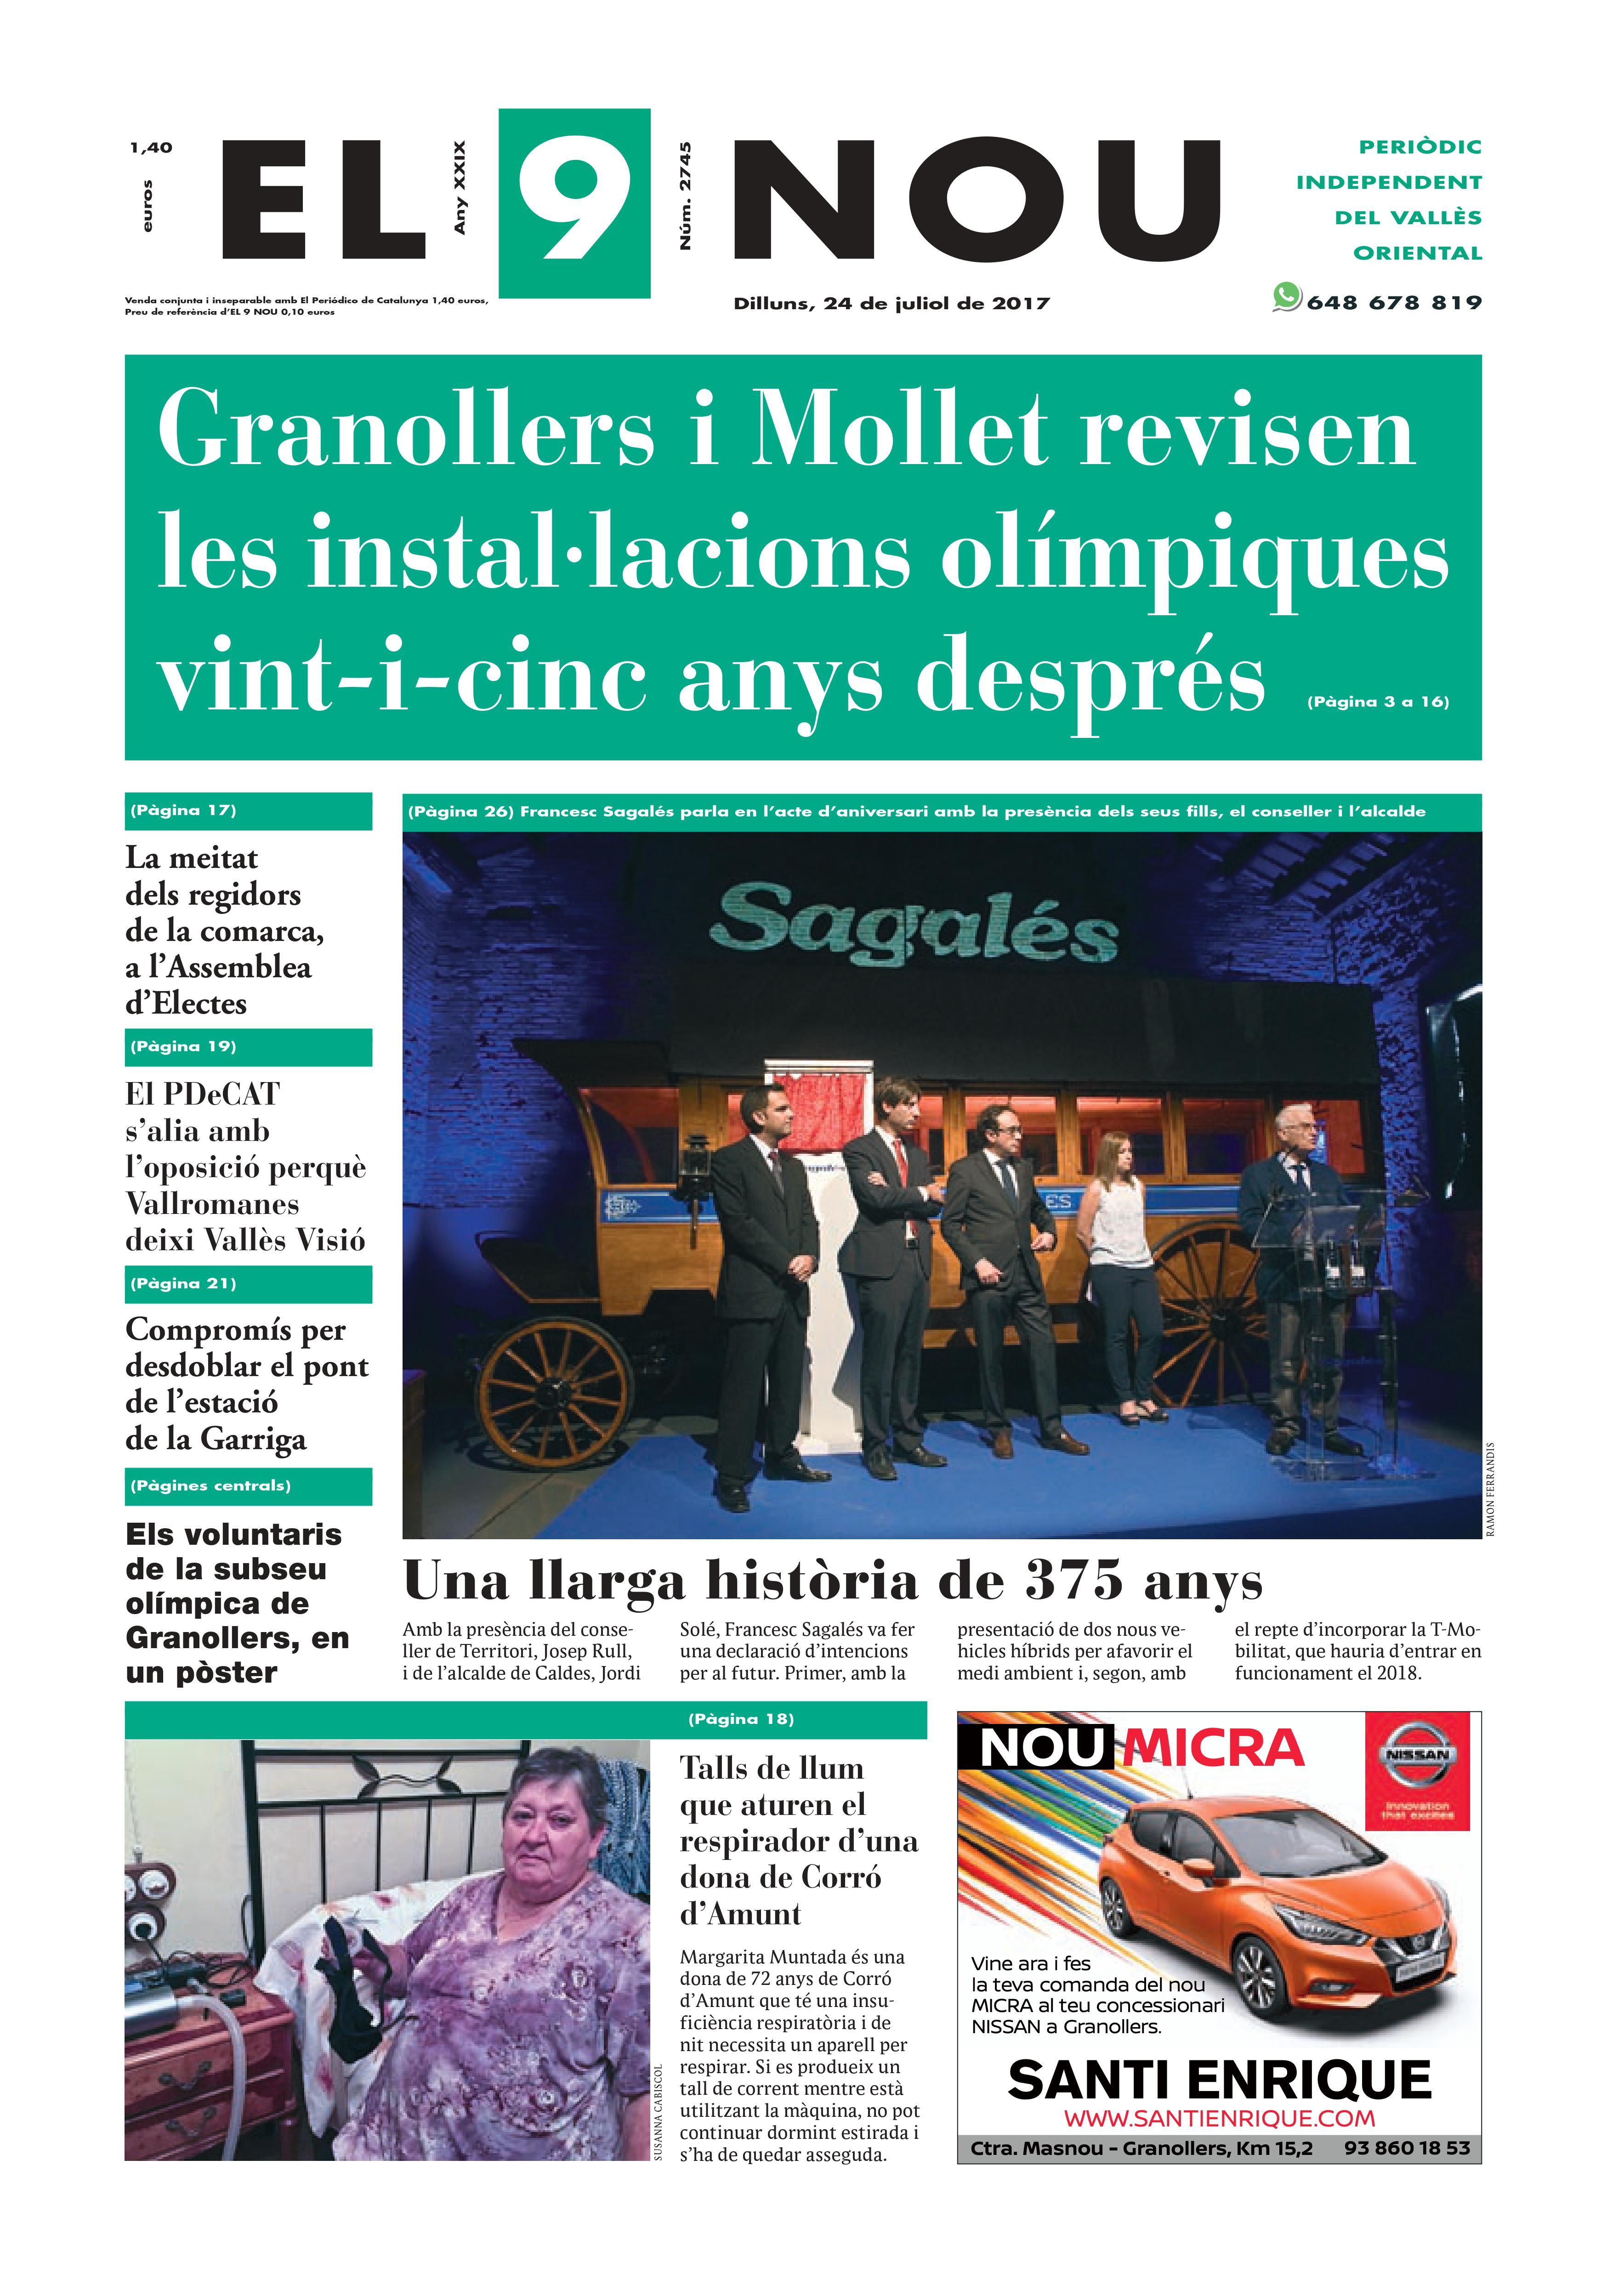 La portada del dilluns 24 de juliol de 2017